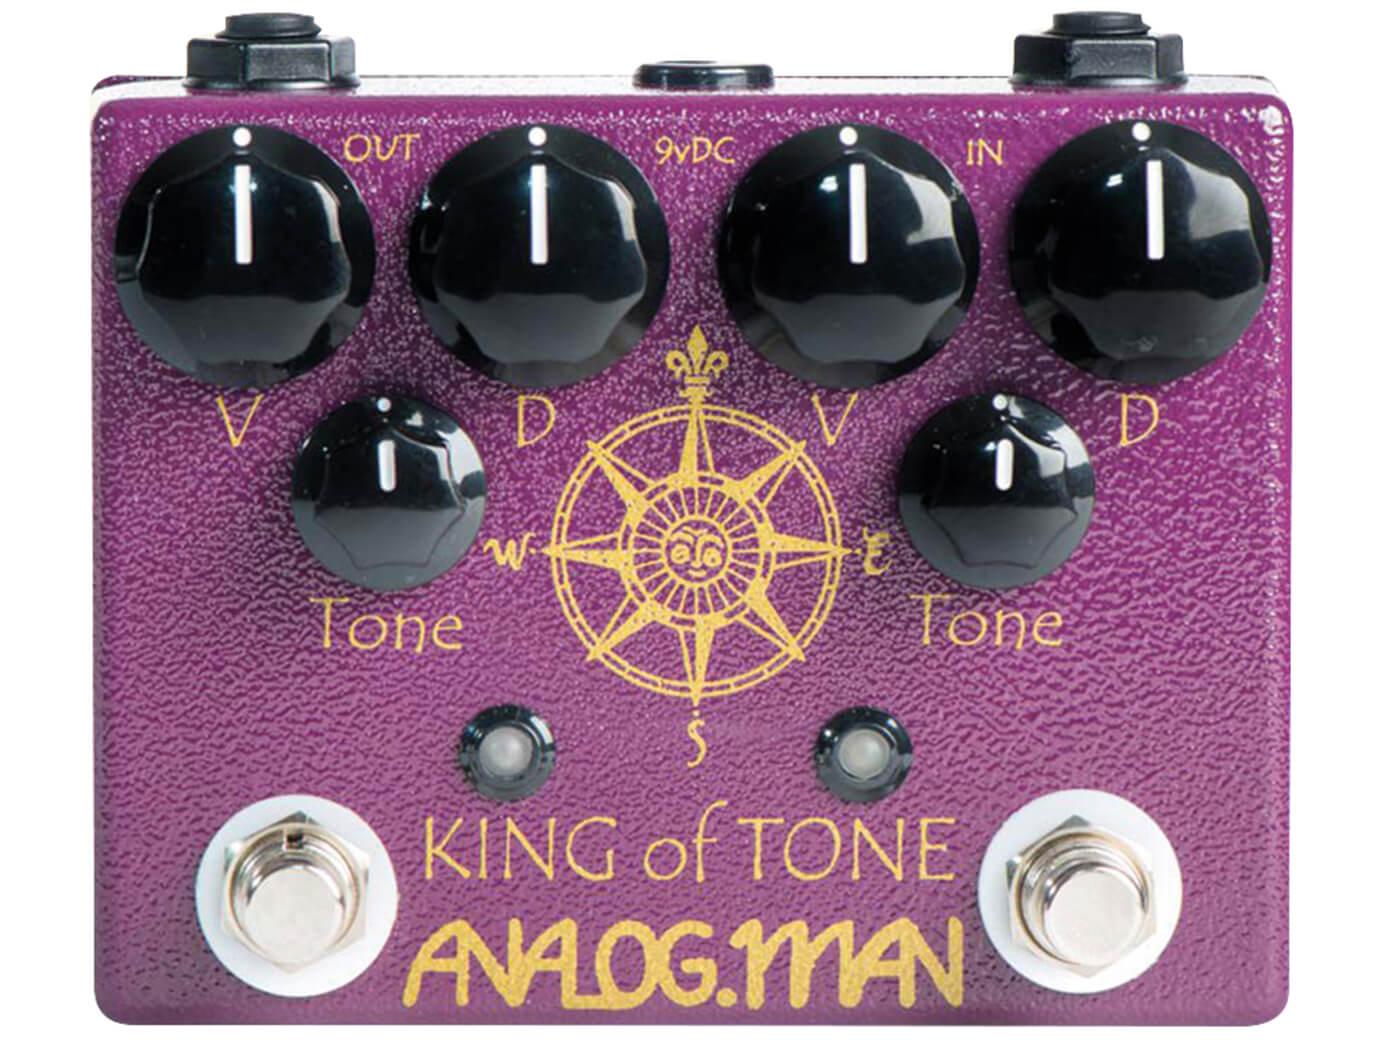 Analog.Man King Of Tone